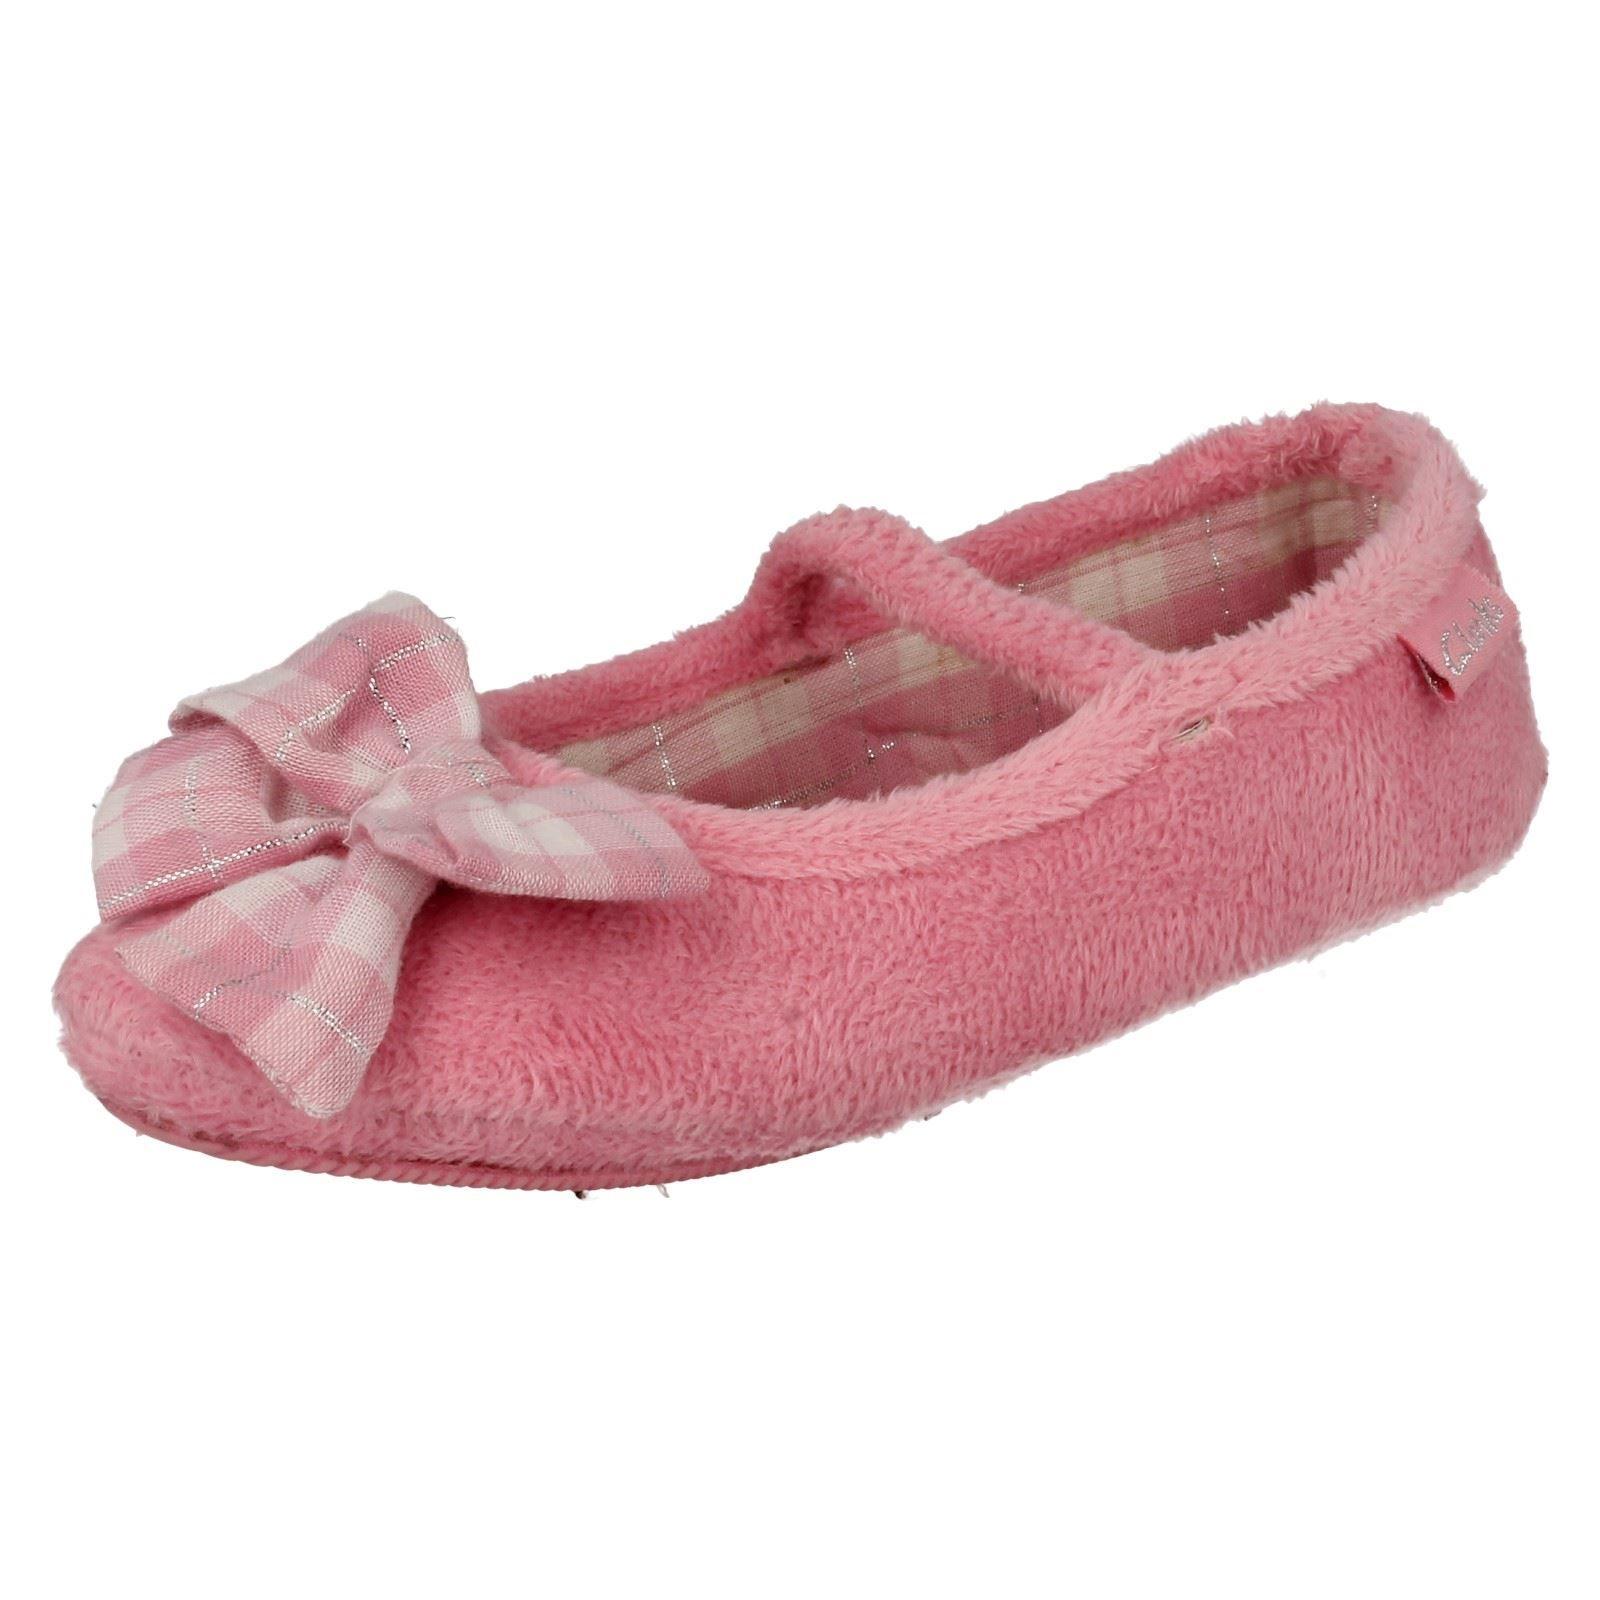 clarks girls slippers